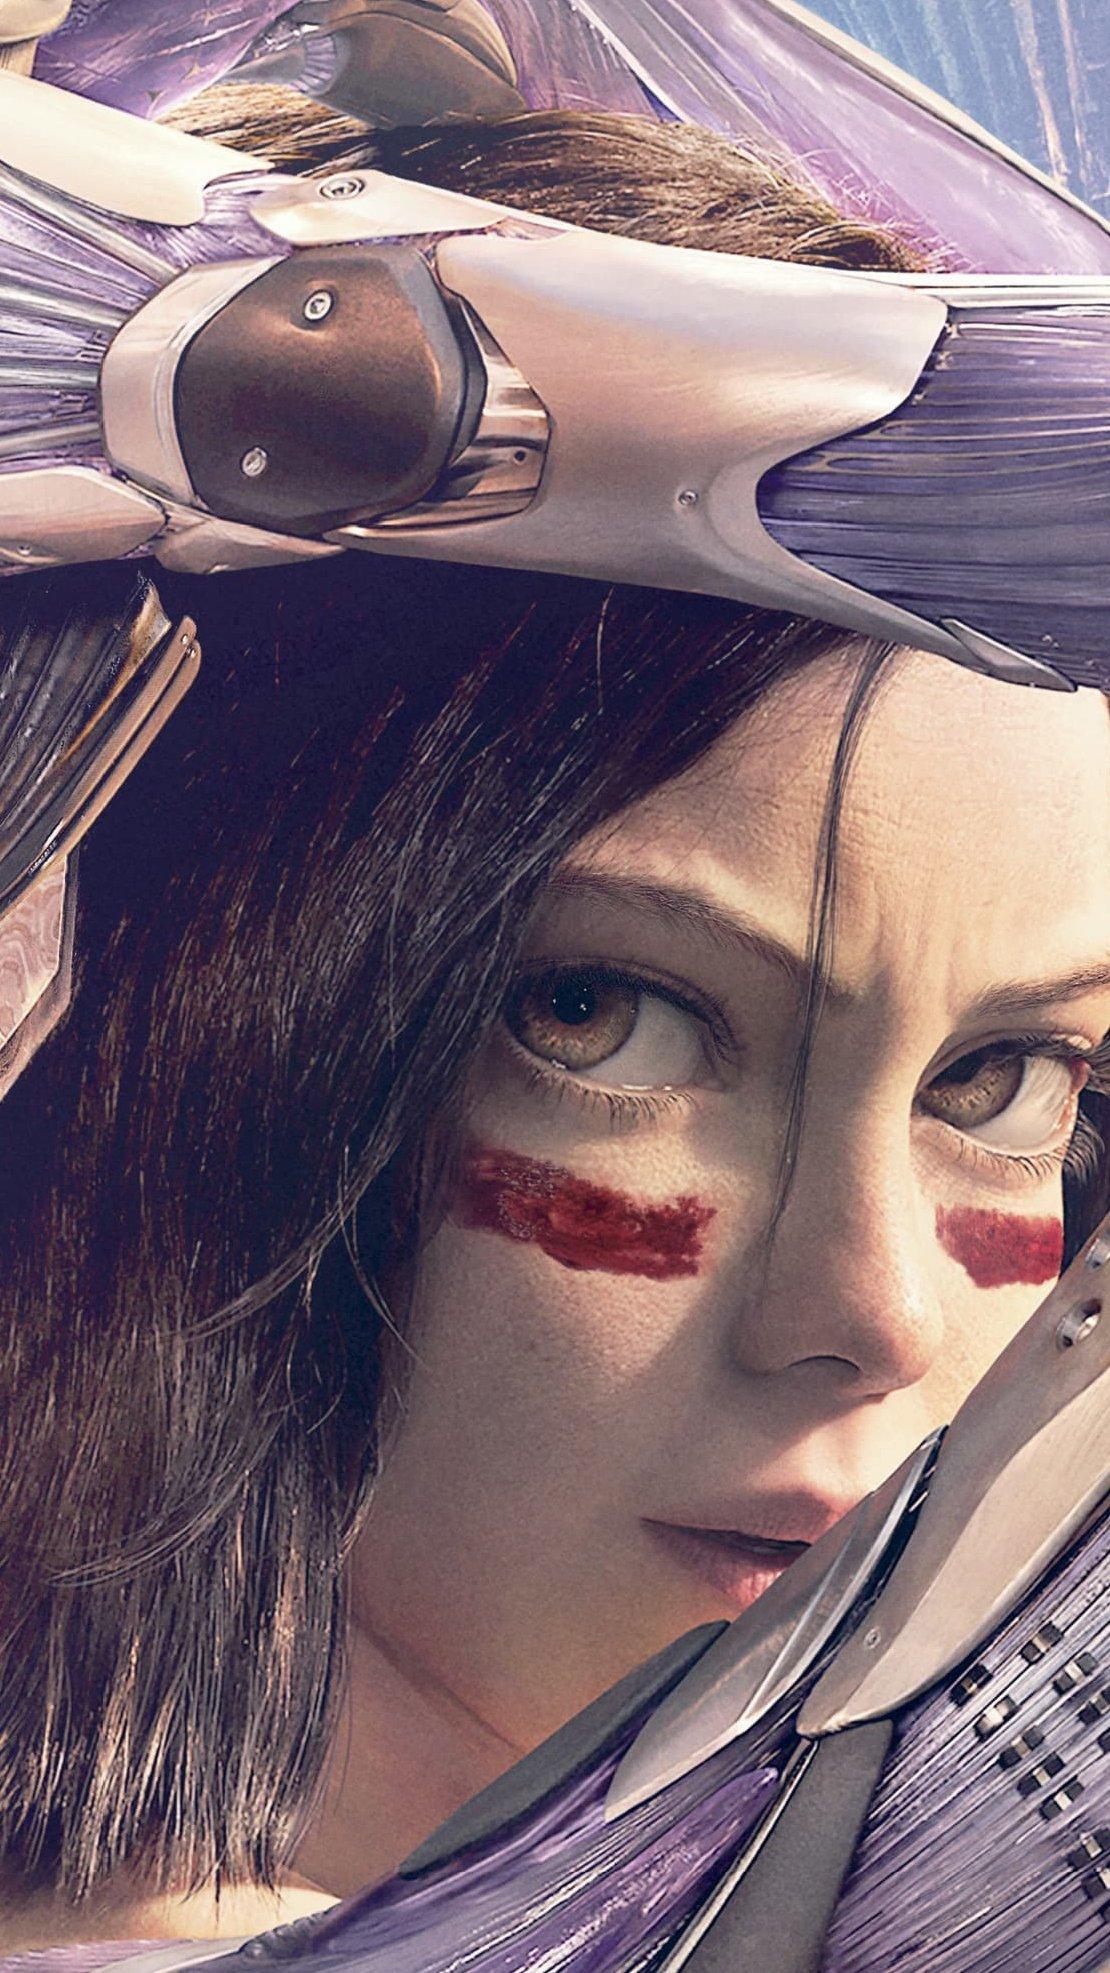 Fondos de pantalla Battle Angel: la última guerrera Fanart Vertical